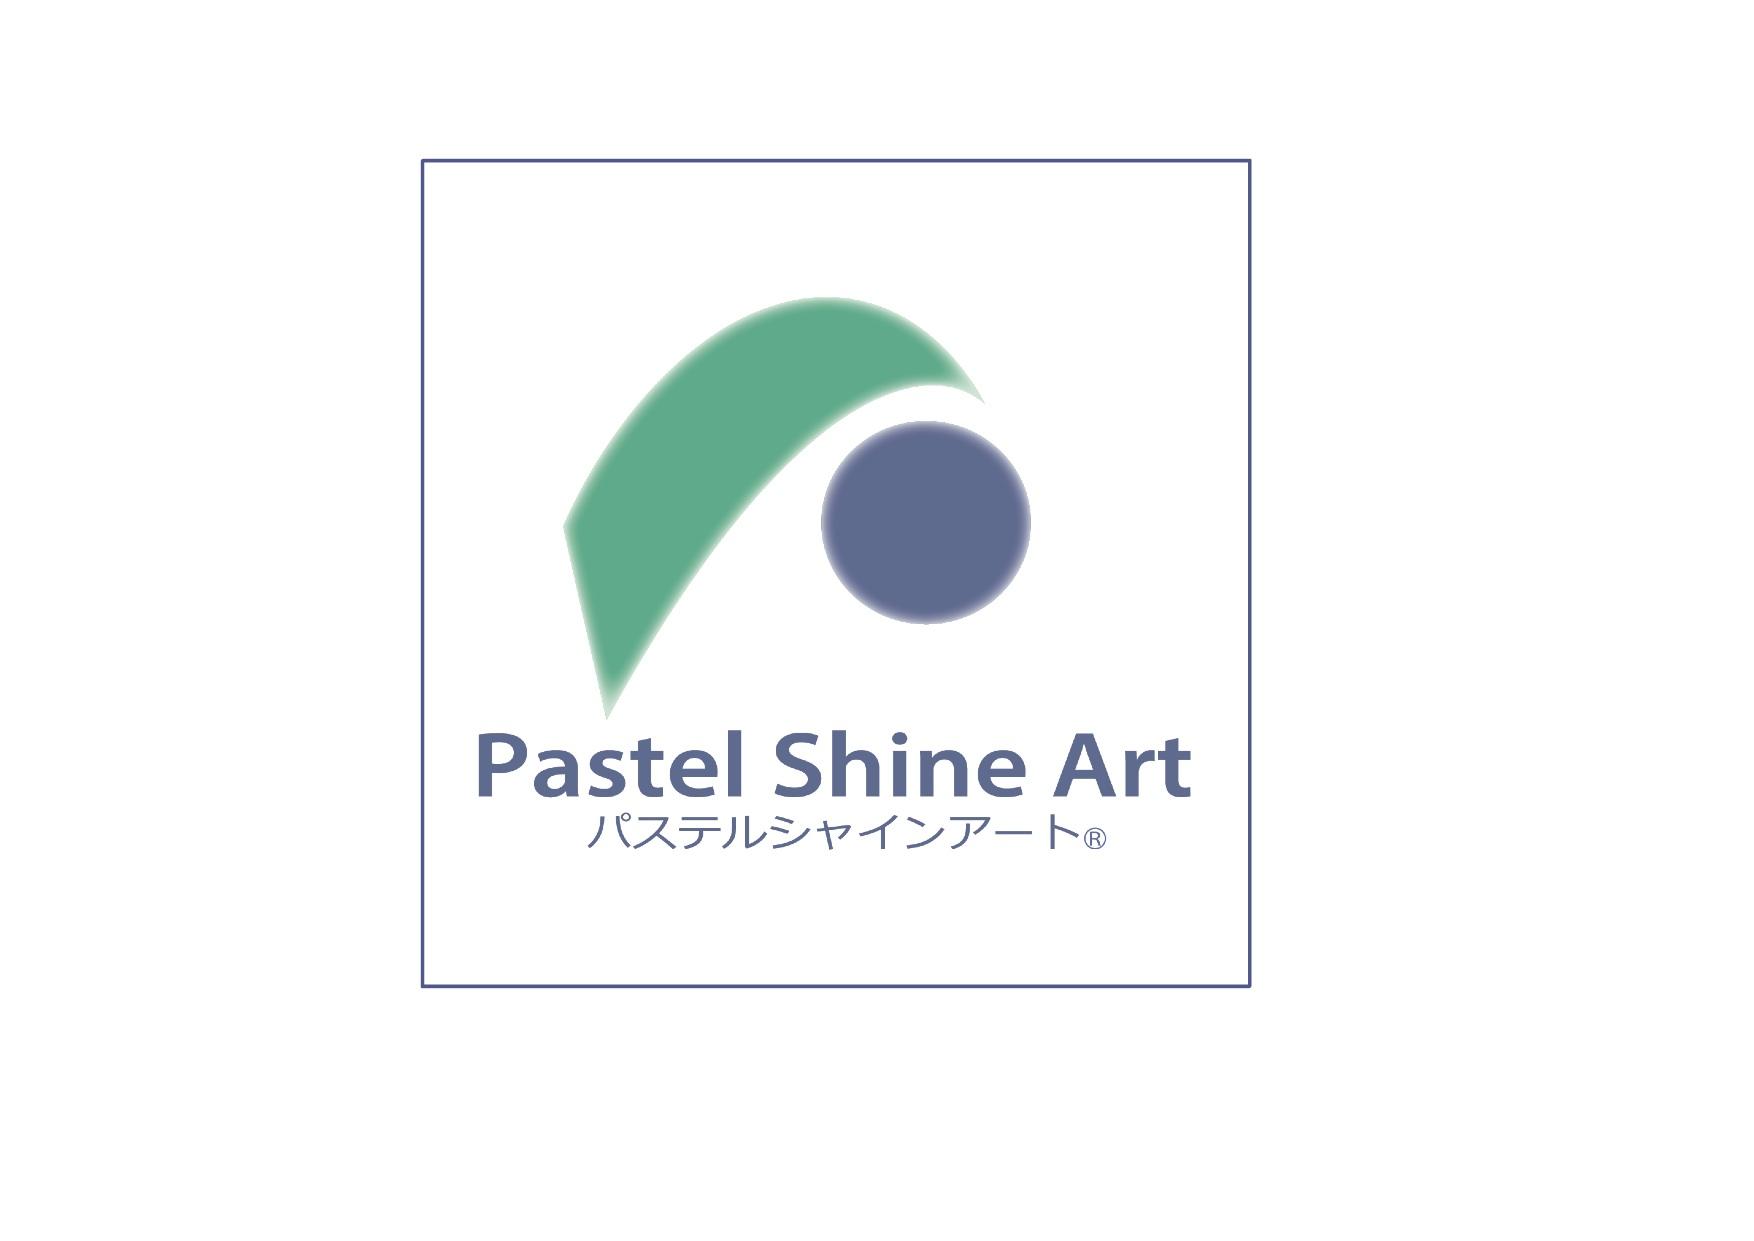 PSA新ロゴ発表_f0071893_1064557.jpg